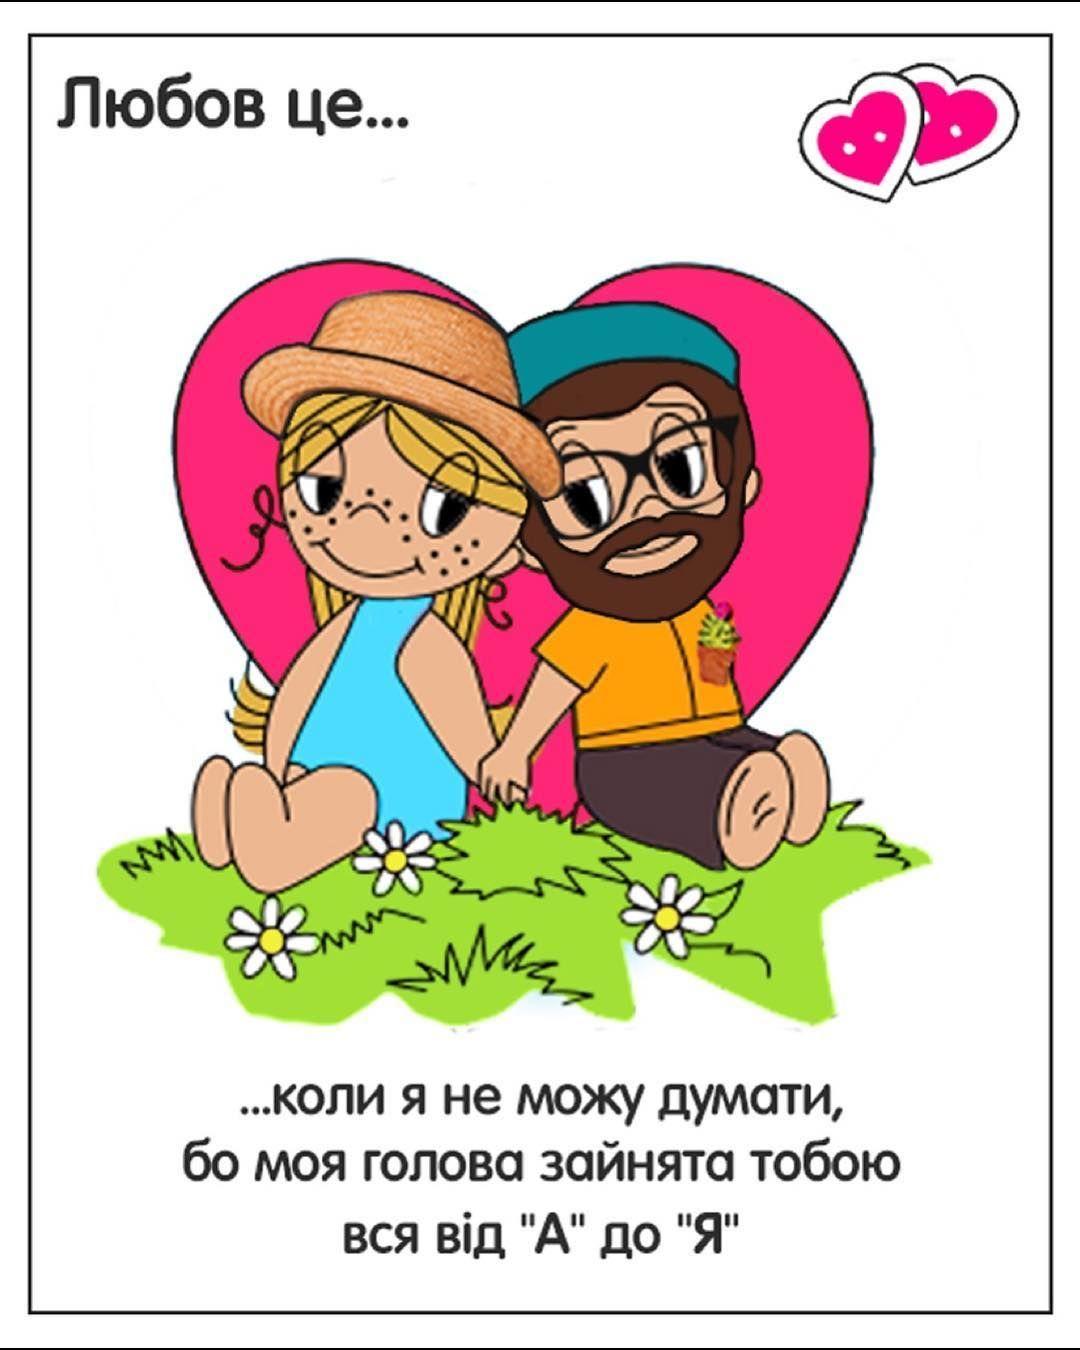 Дзідзьо, день Валентина